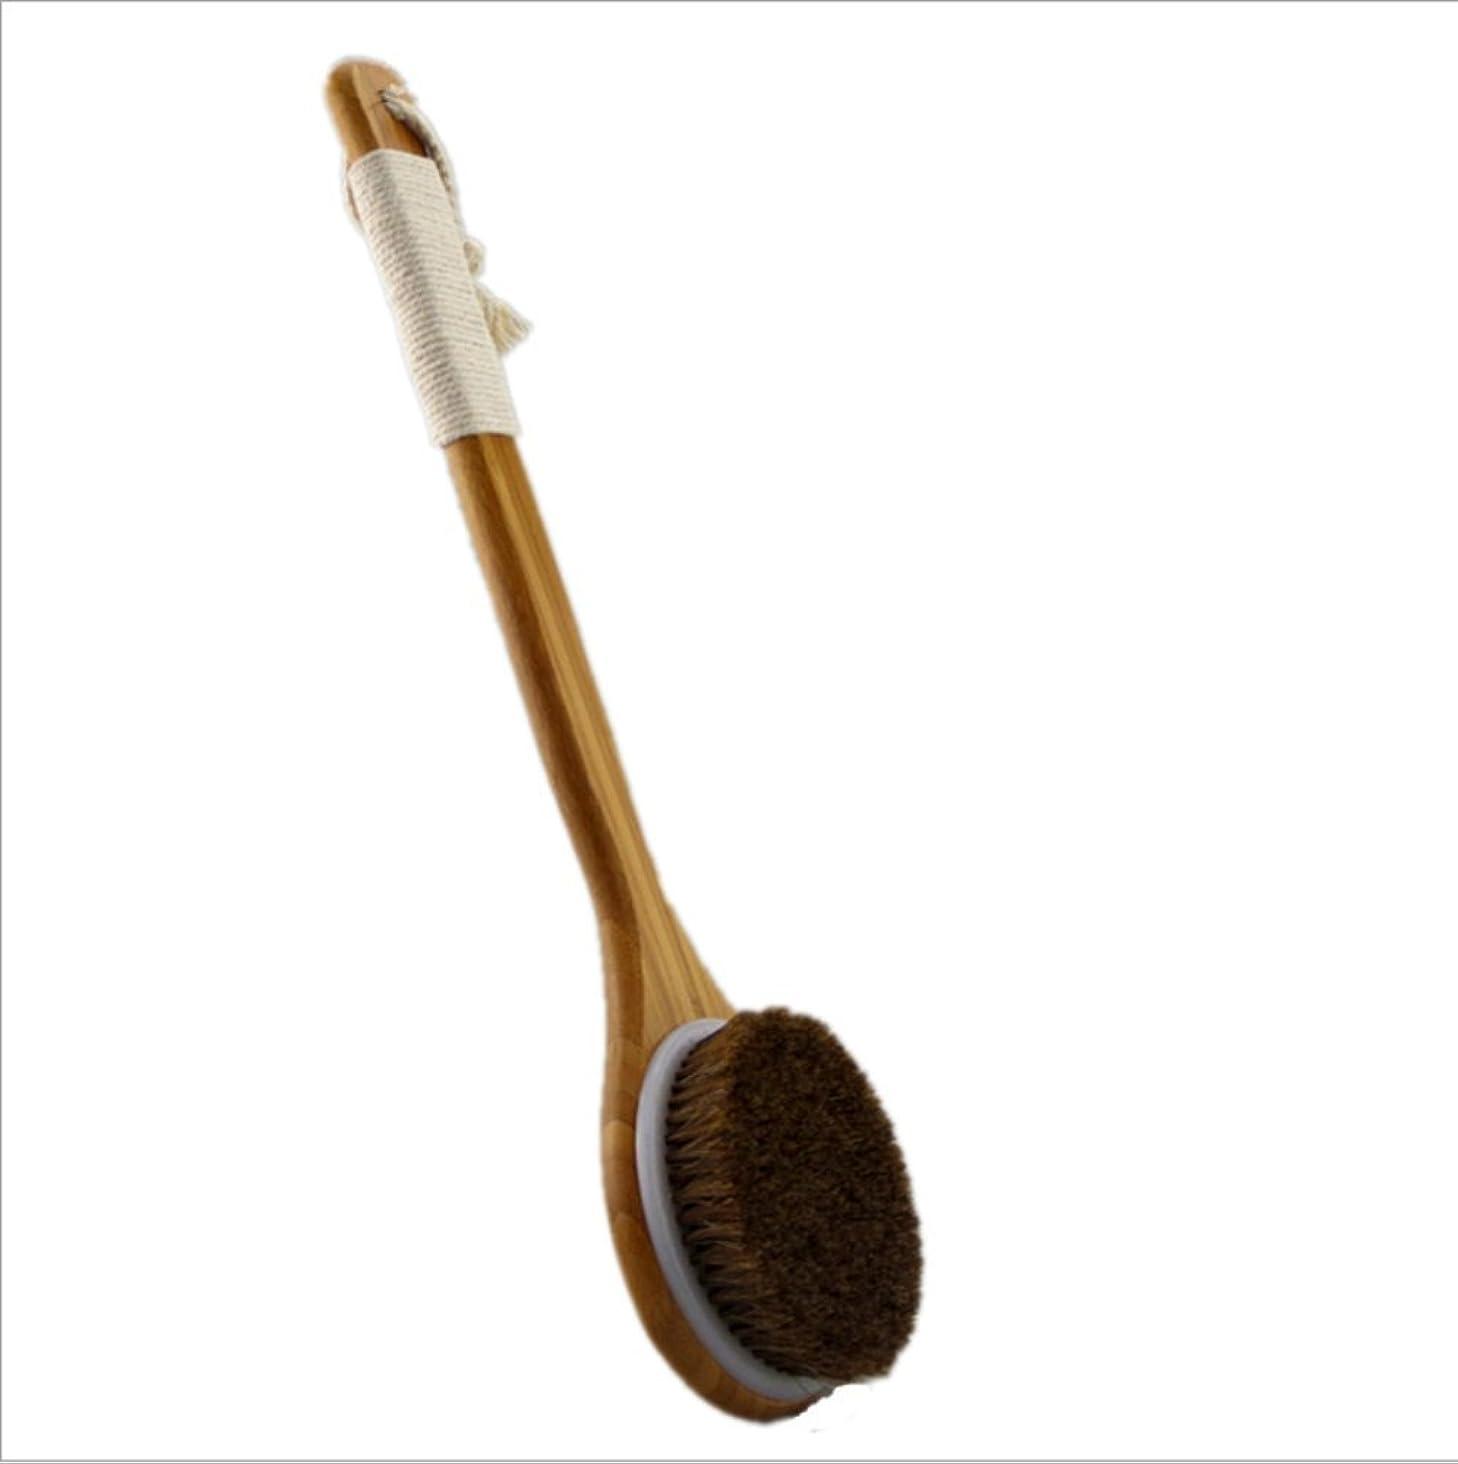 のために解読するましいBigmind 100%天然高級な馬毛ボディブラシ あかすり 竹製長柄 体洗い/背中ブラシ お風呂